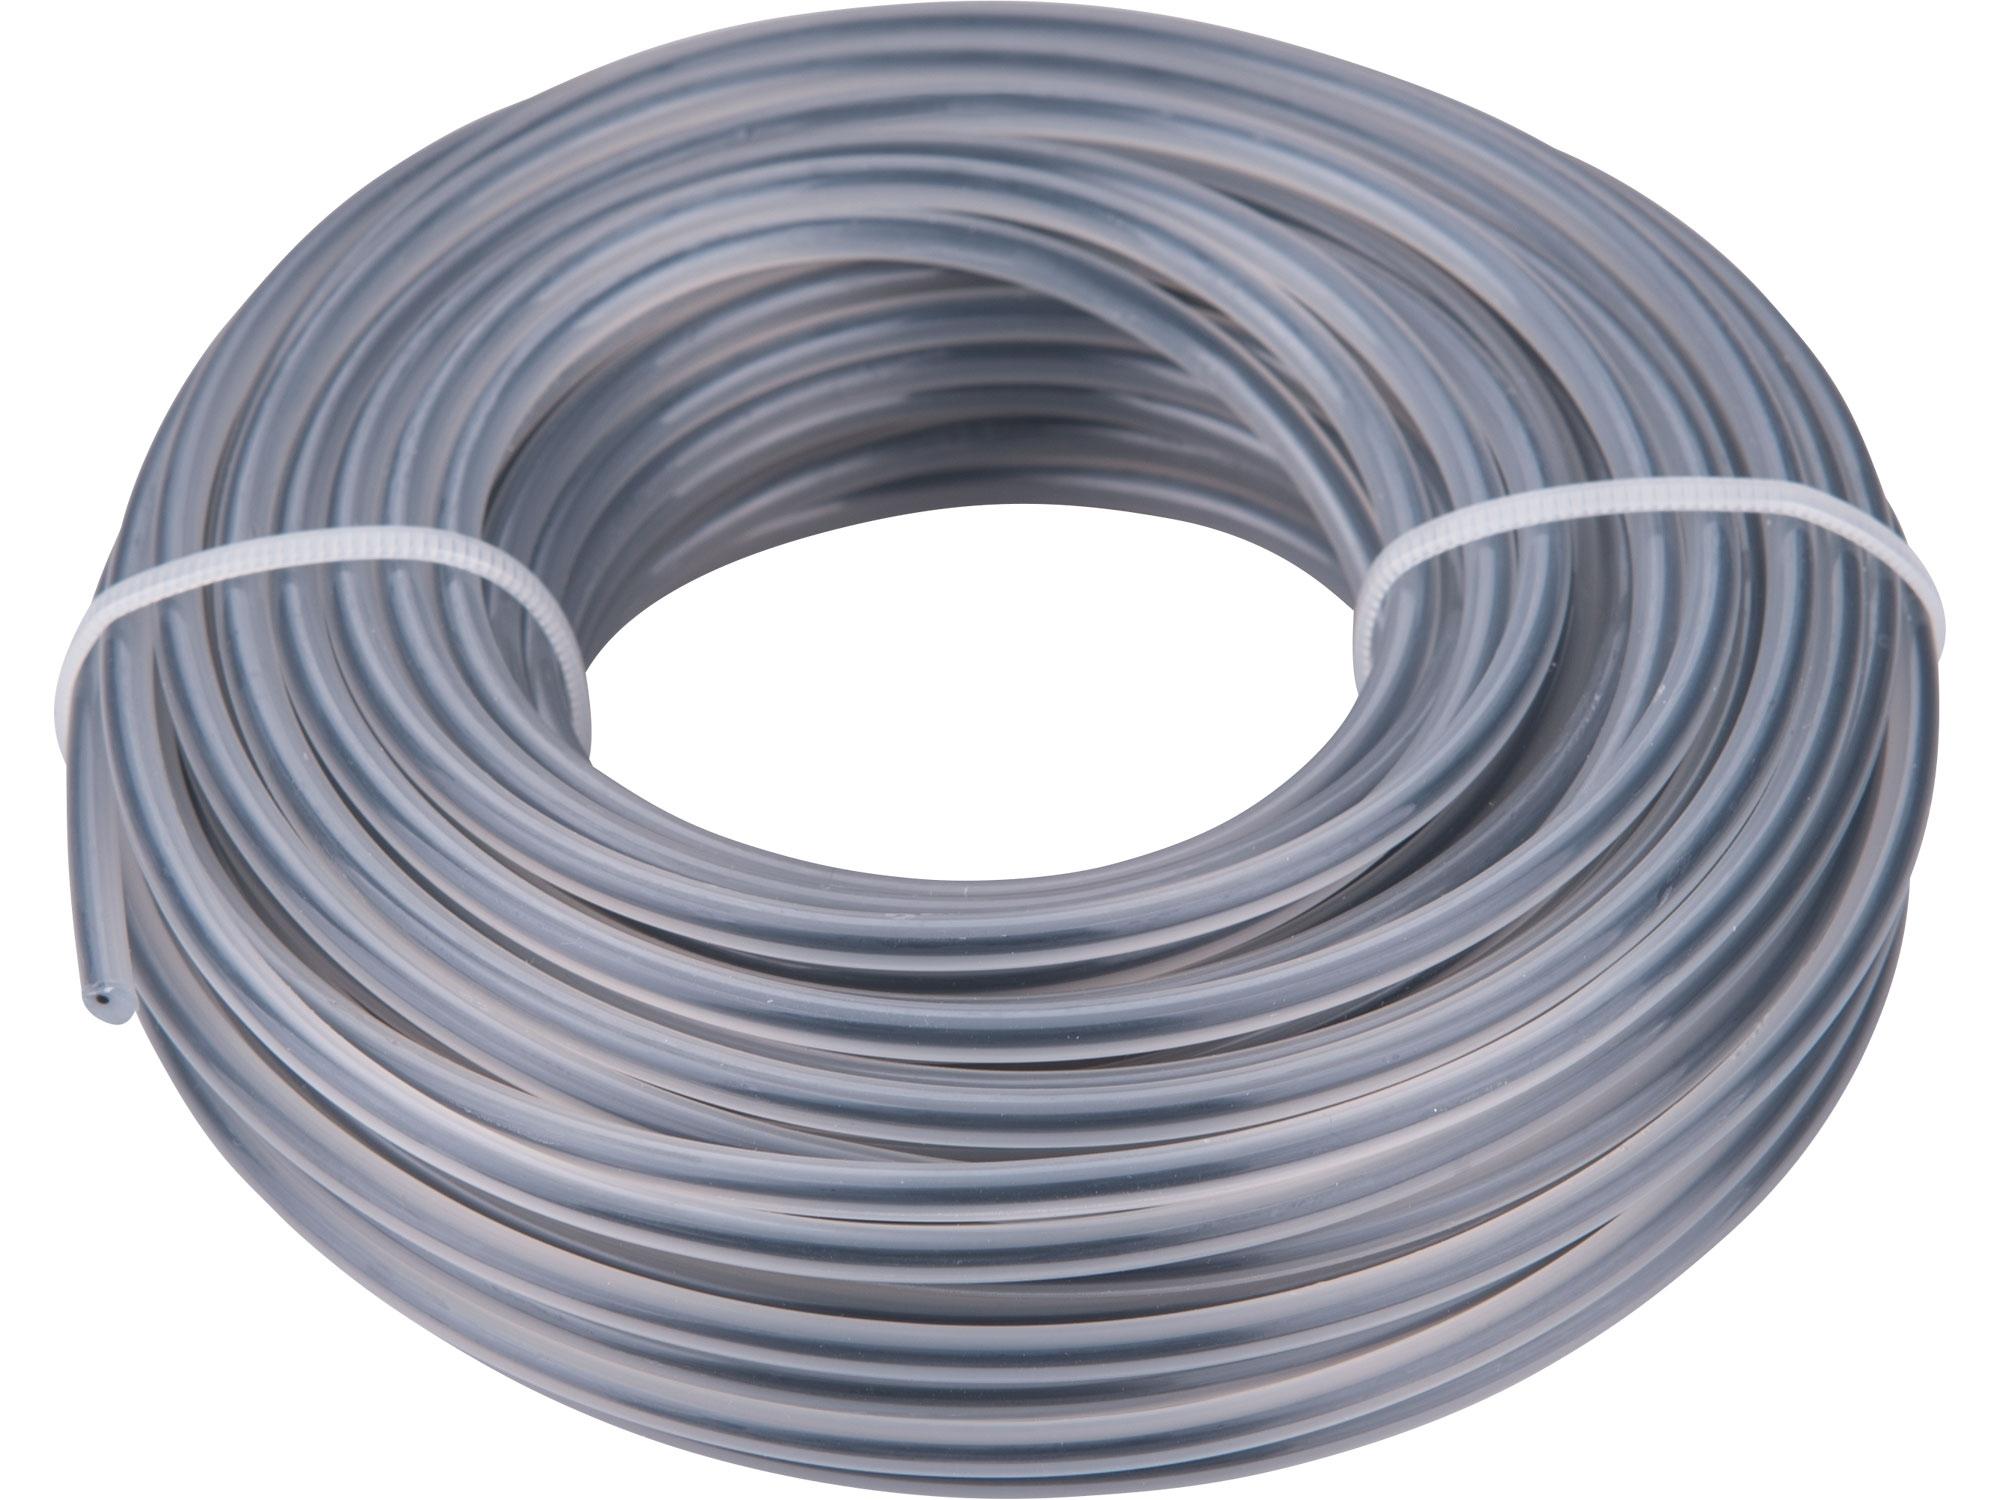 žací struna do sekačky s jádrem, kruhový profil, 3,0mm, 15m, PA66